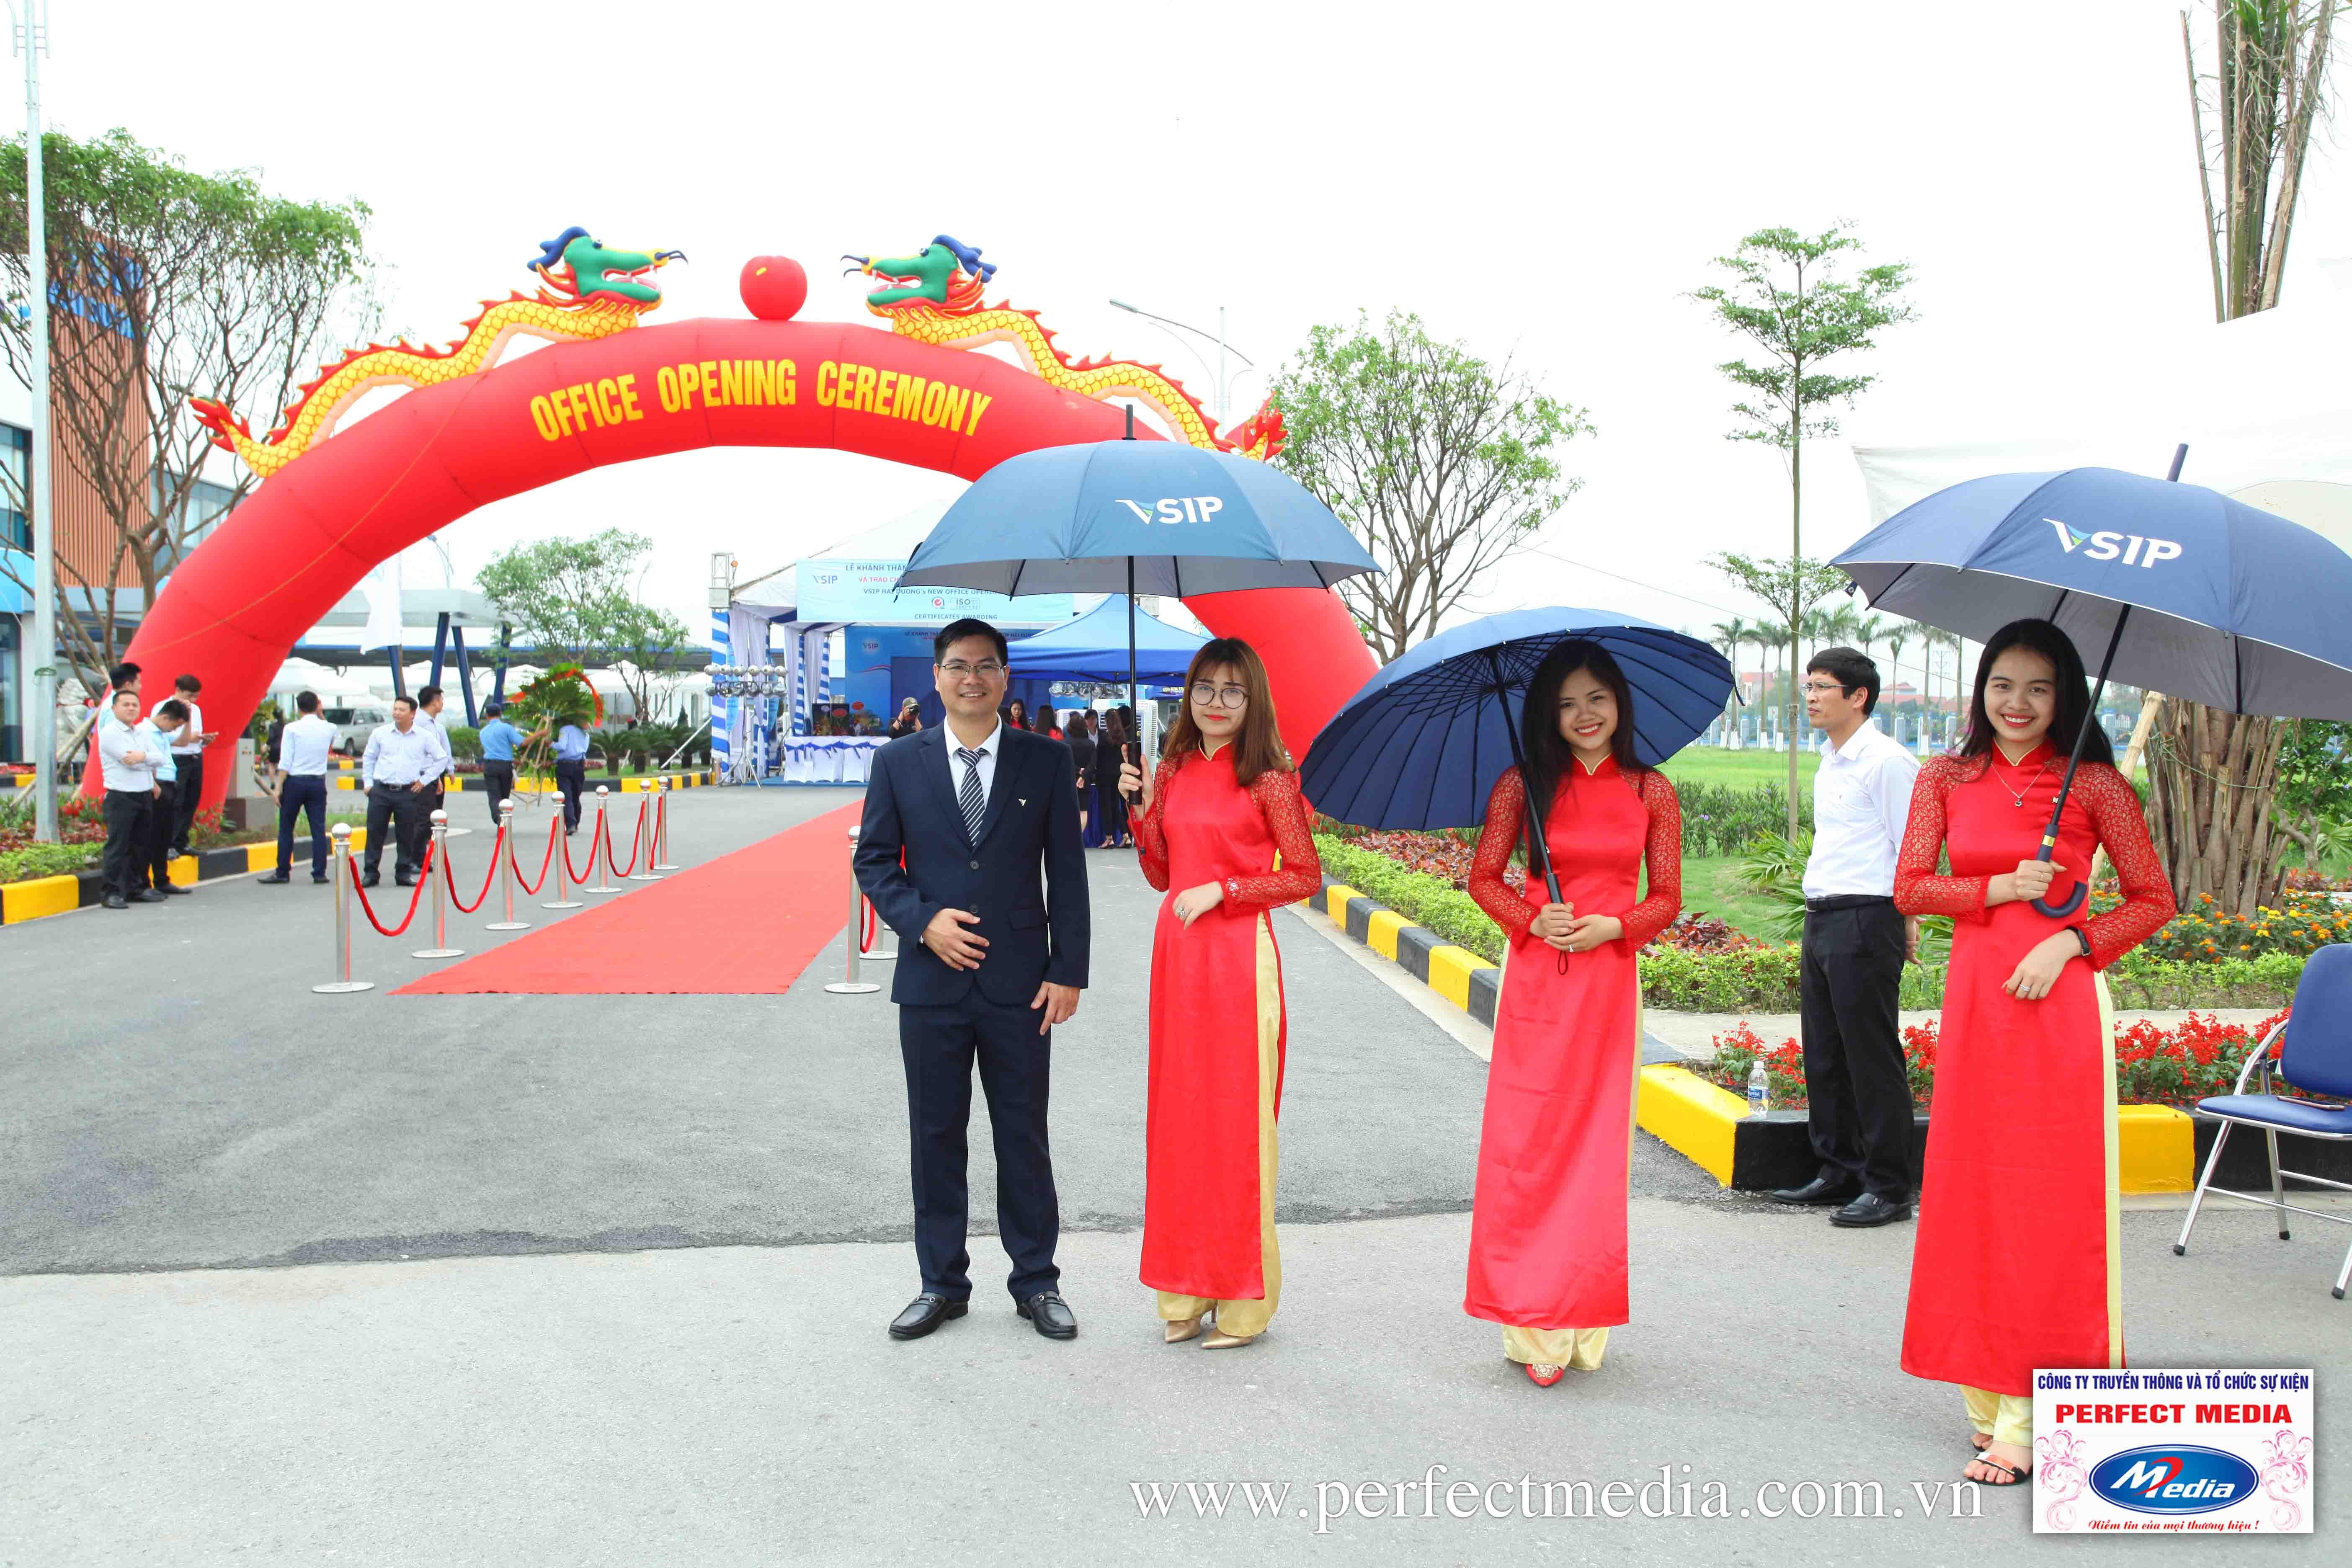 Perfect Media - Tổ chức sự kiện chuyên nghiệp tại Bắc Ninh